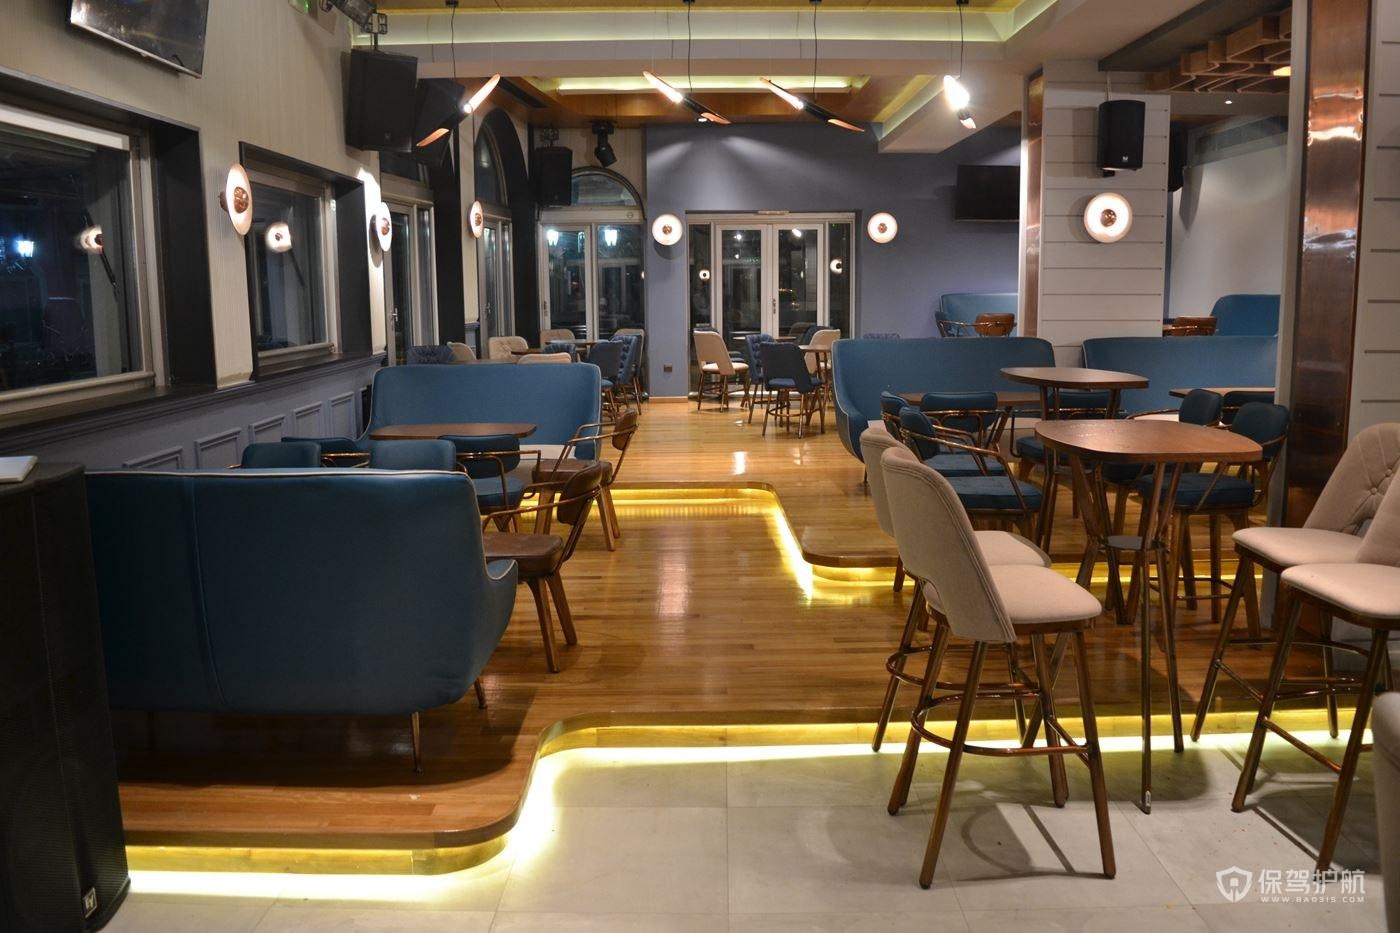 欧式咖啡馆桌椅布局效果图